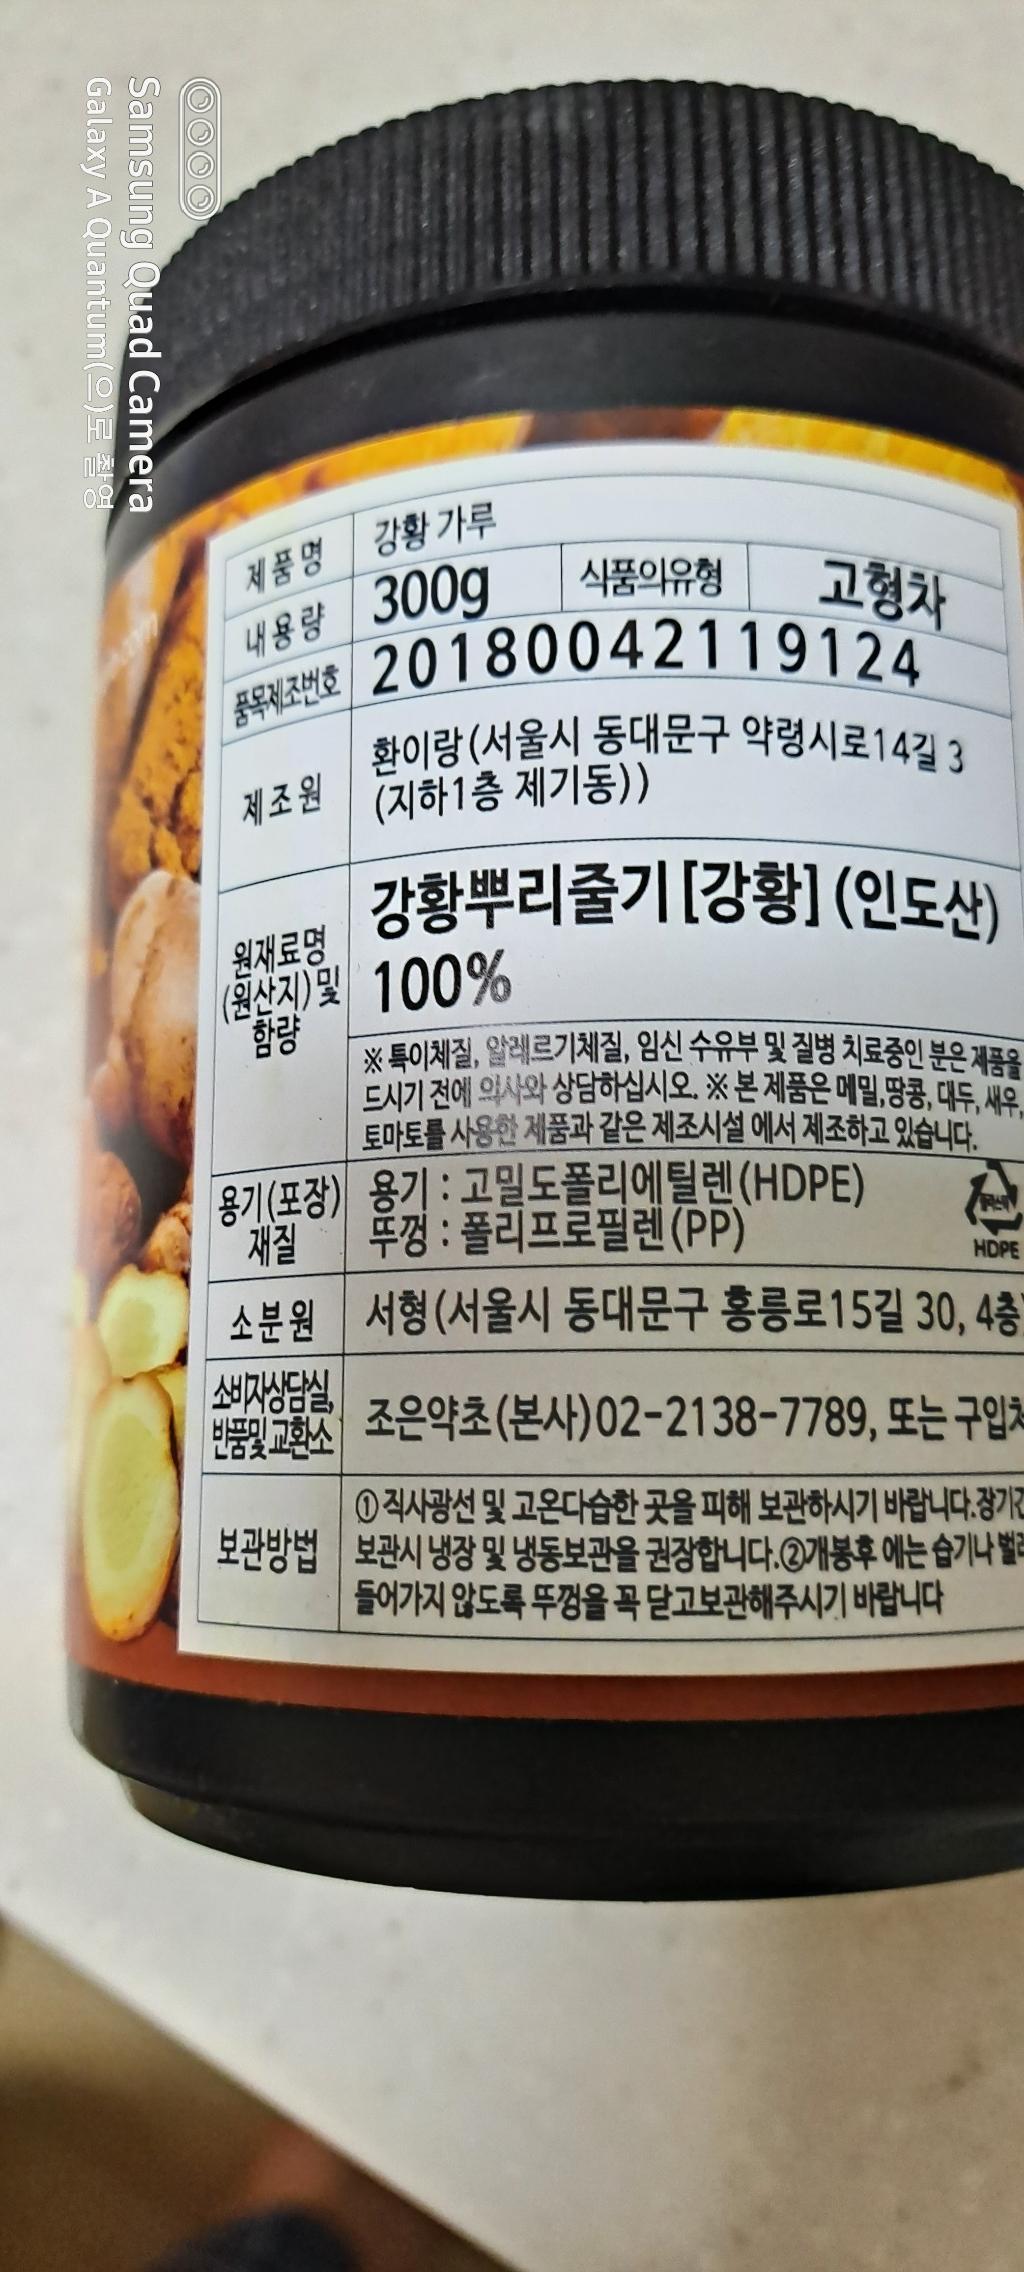 조은약초 인도산 강황가루  리뷰 후기